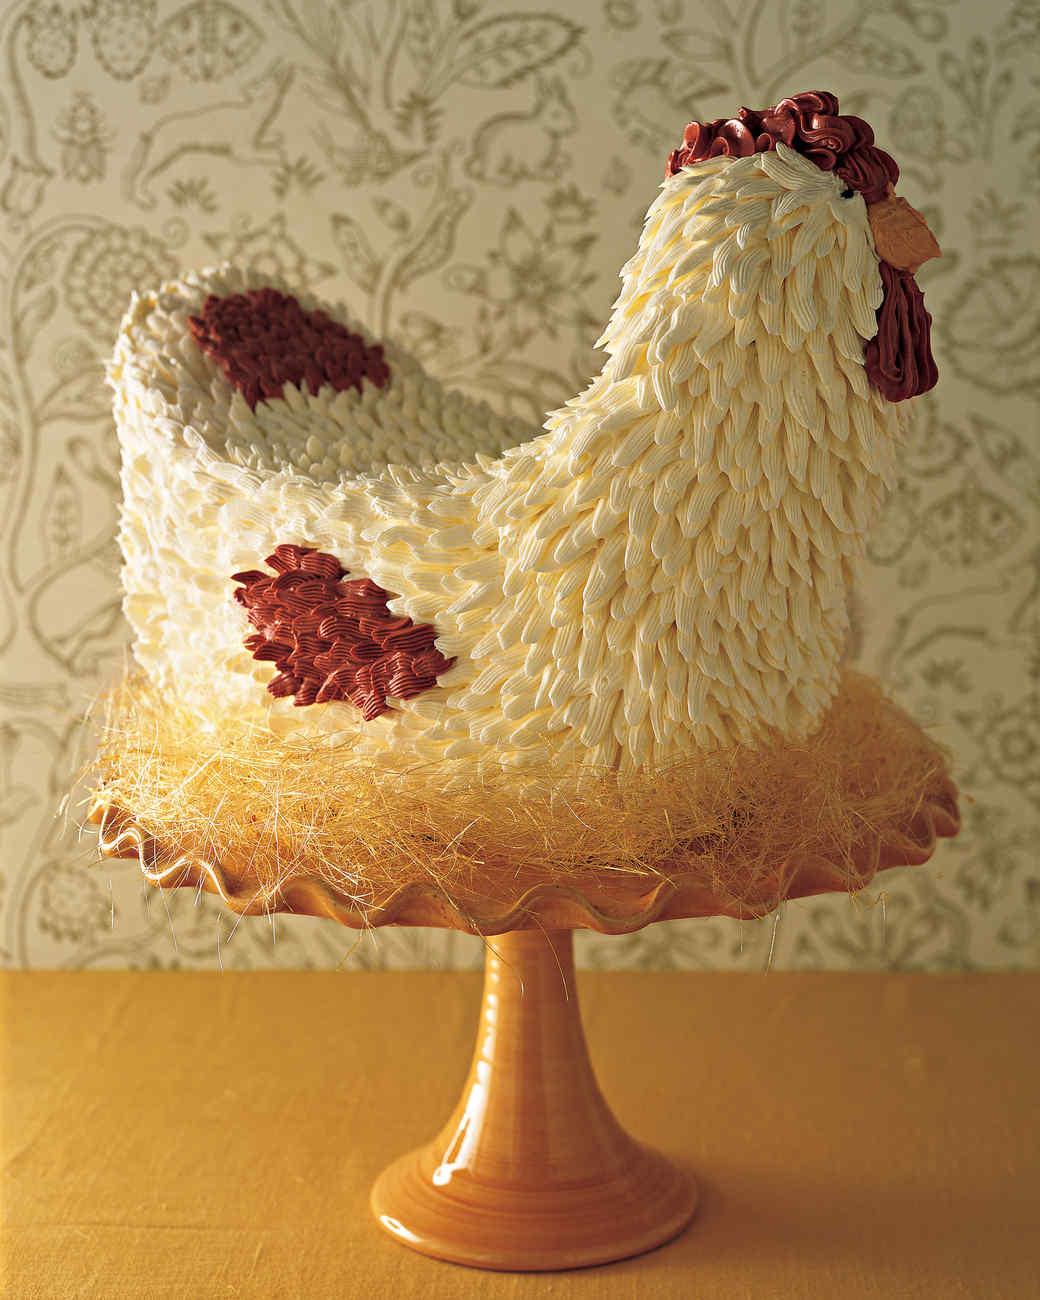 hen-cake-0405-mla101199.jpg